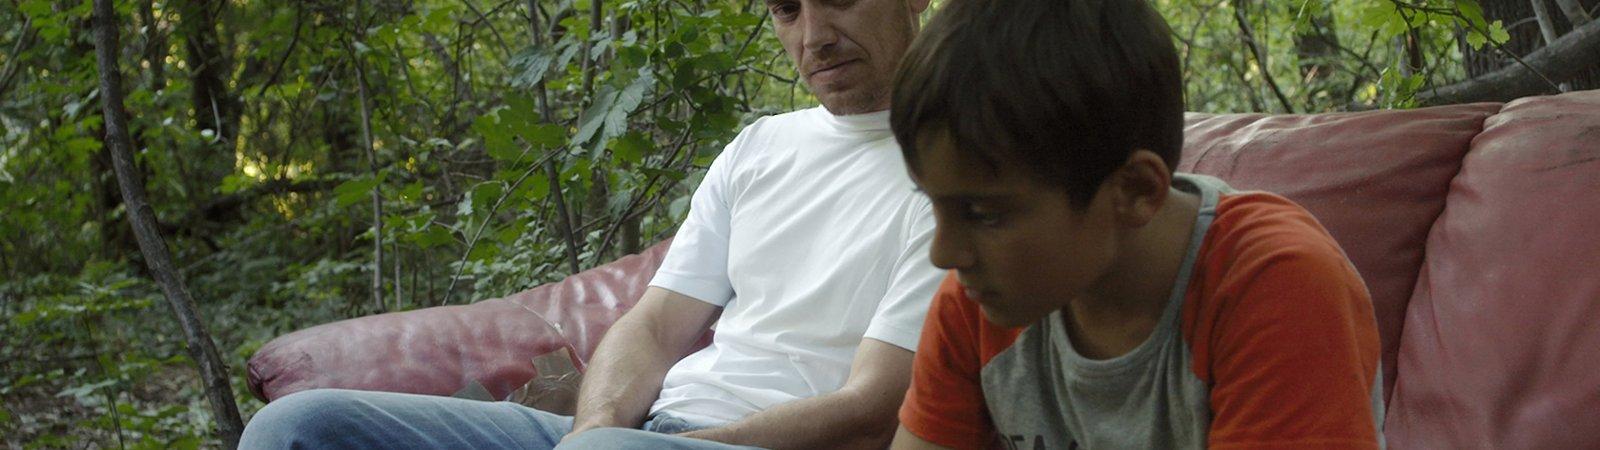 Photo dernier film Sudabeh Mortezai